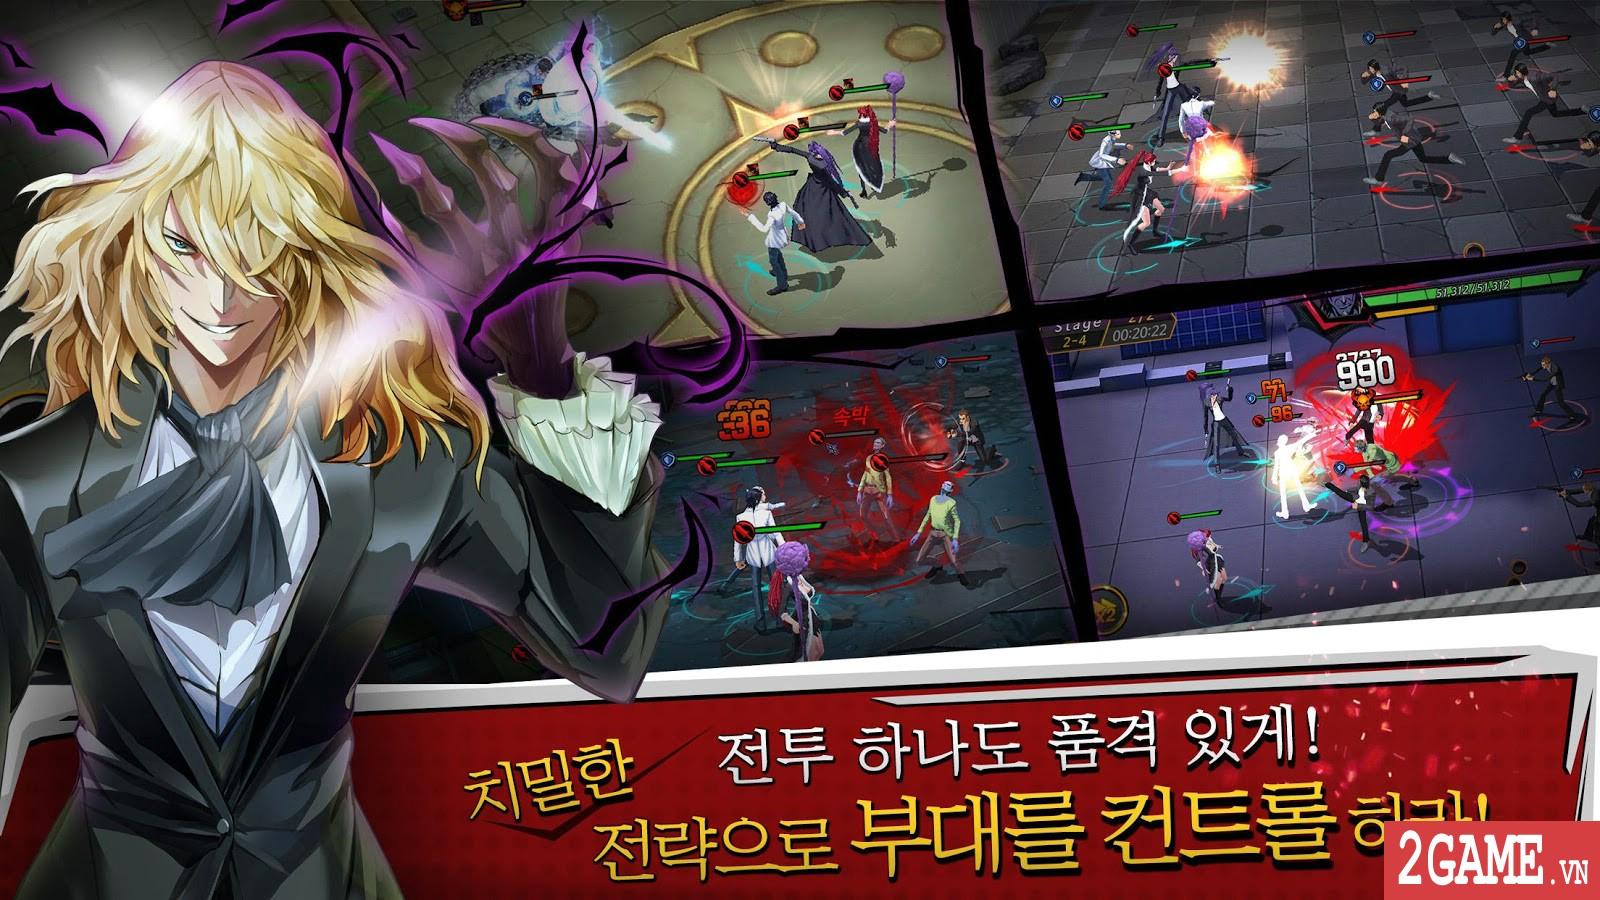 Noblesse - Game nhập vai đánh theo lượt phỏng dựng theo nguyên bản bộ truyện tranh nổi tiếng cùng tên 2